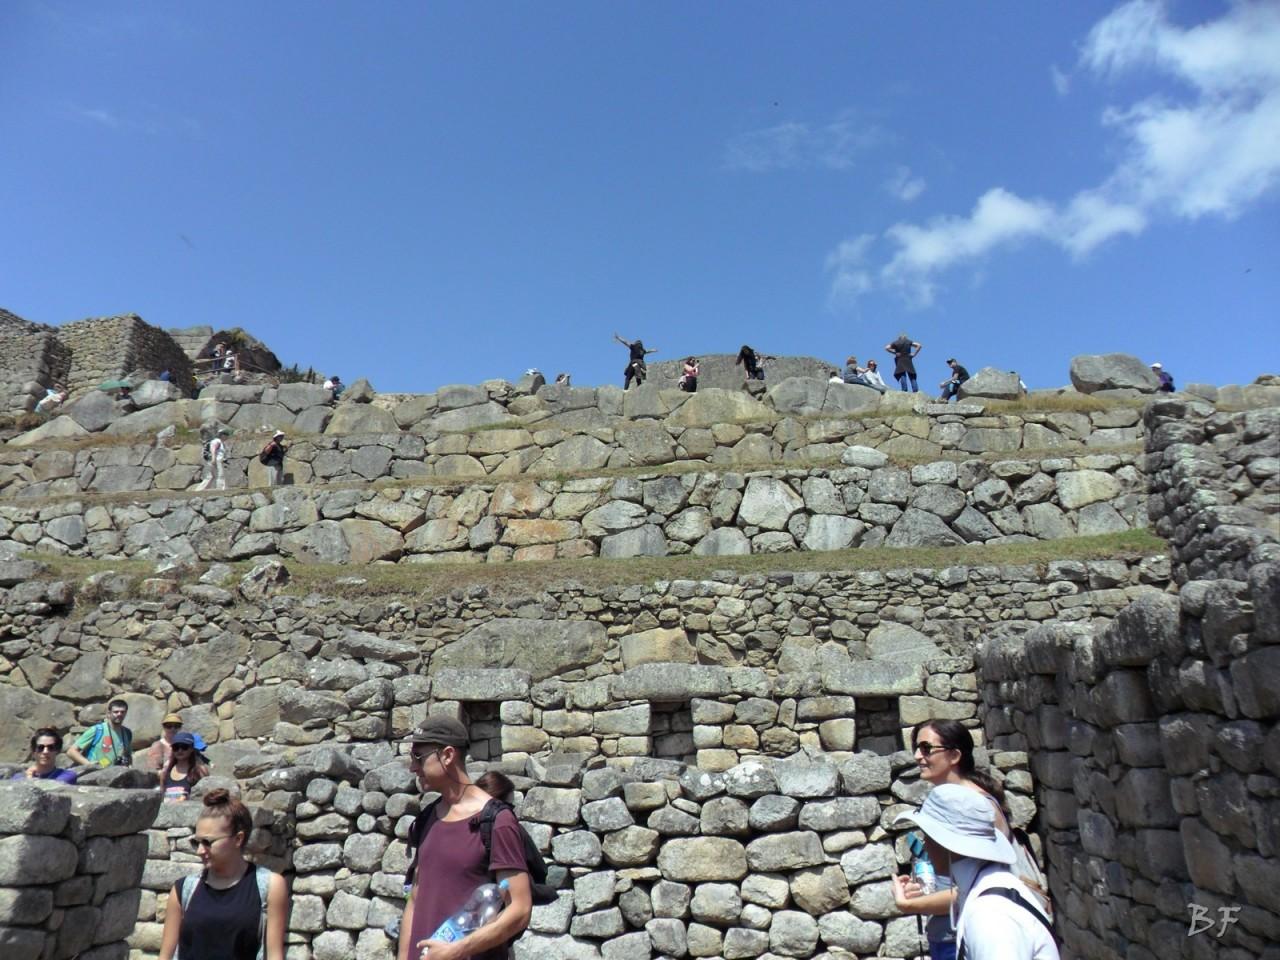 Mura-Poligonali-Incisioni-Altari-Edifici-Rupestri-Megaliti-Machu-Picchu-Aguas-Calientes-Urubamba-Cusco-Perù-37